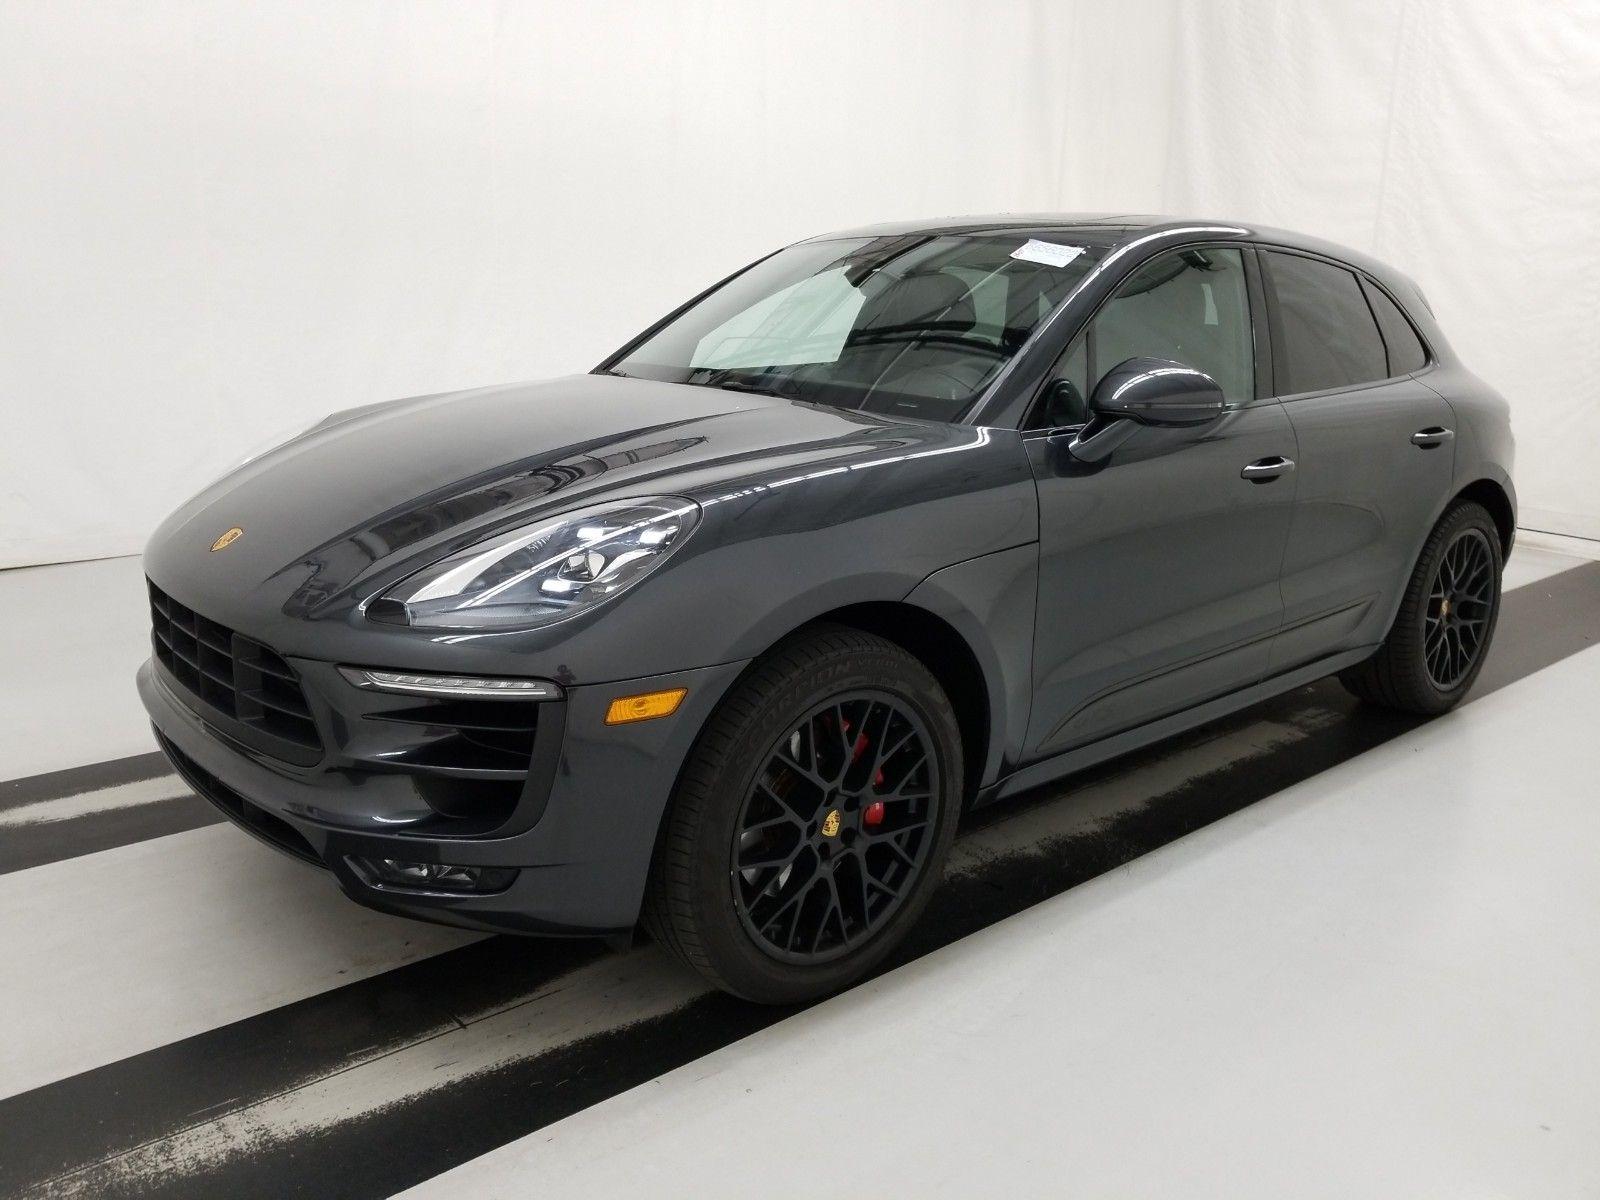 2017 Porsche Macan 3.0. Lot 99921353868 Vin WP1AG2A59HLB54611